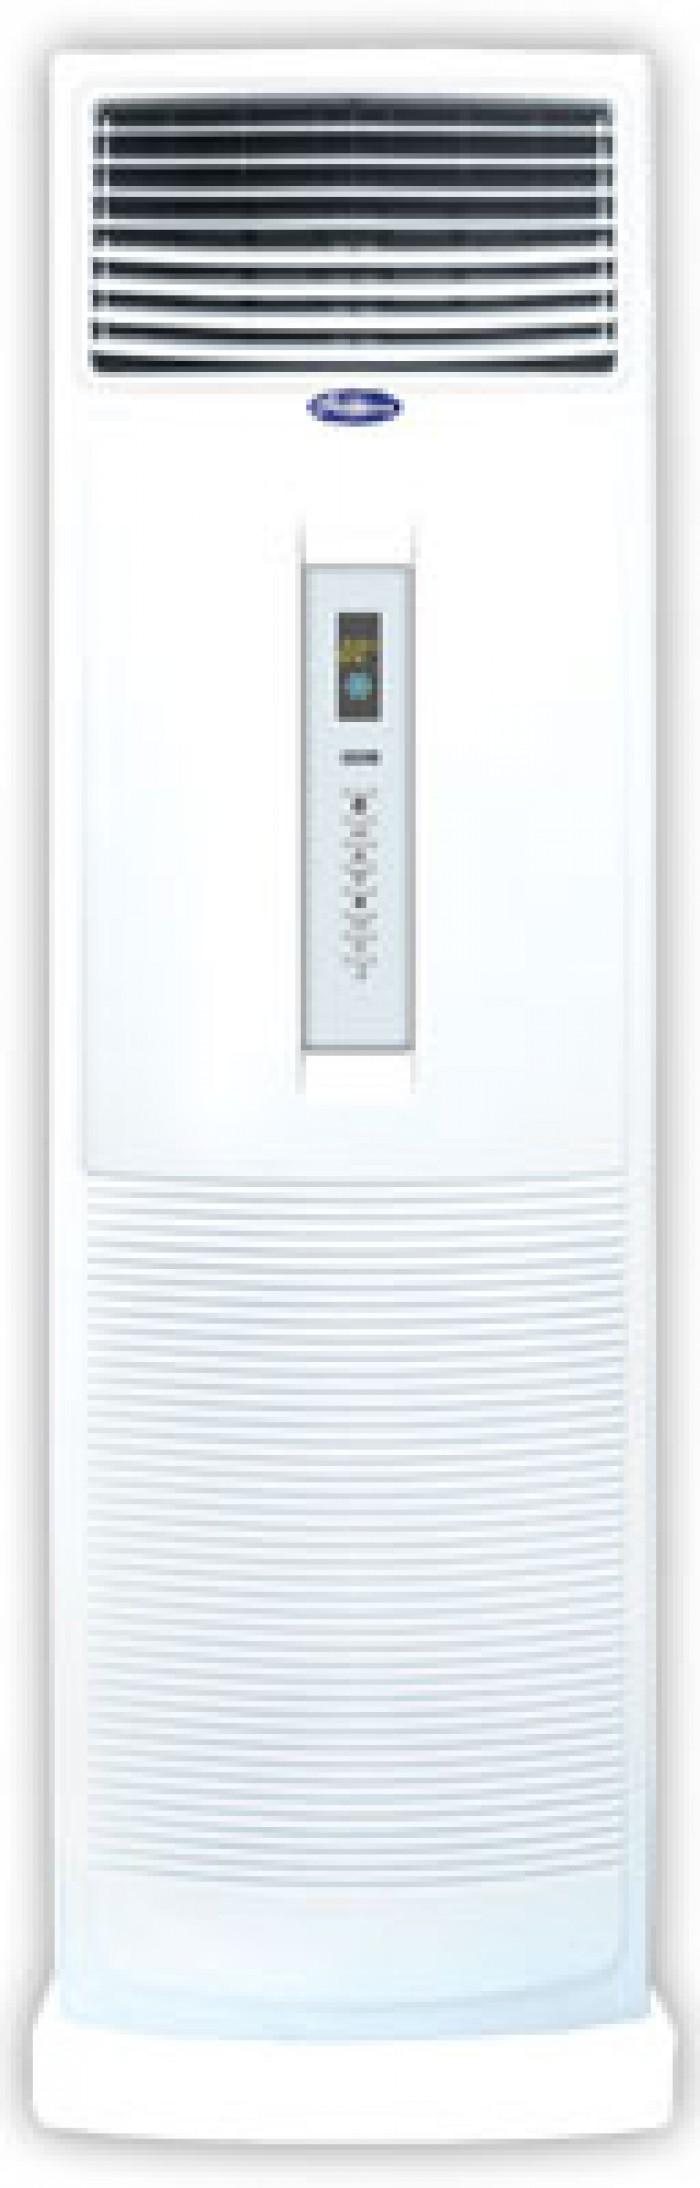 Bán giá cực hữu nghị cho dòng máy lạnh tủ đứng LG hàng mới chính hãng0